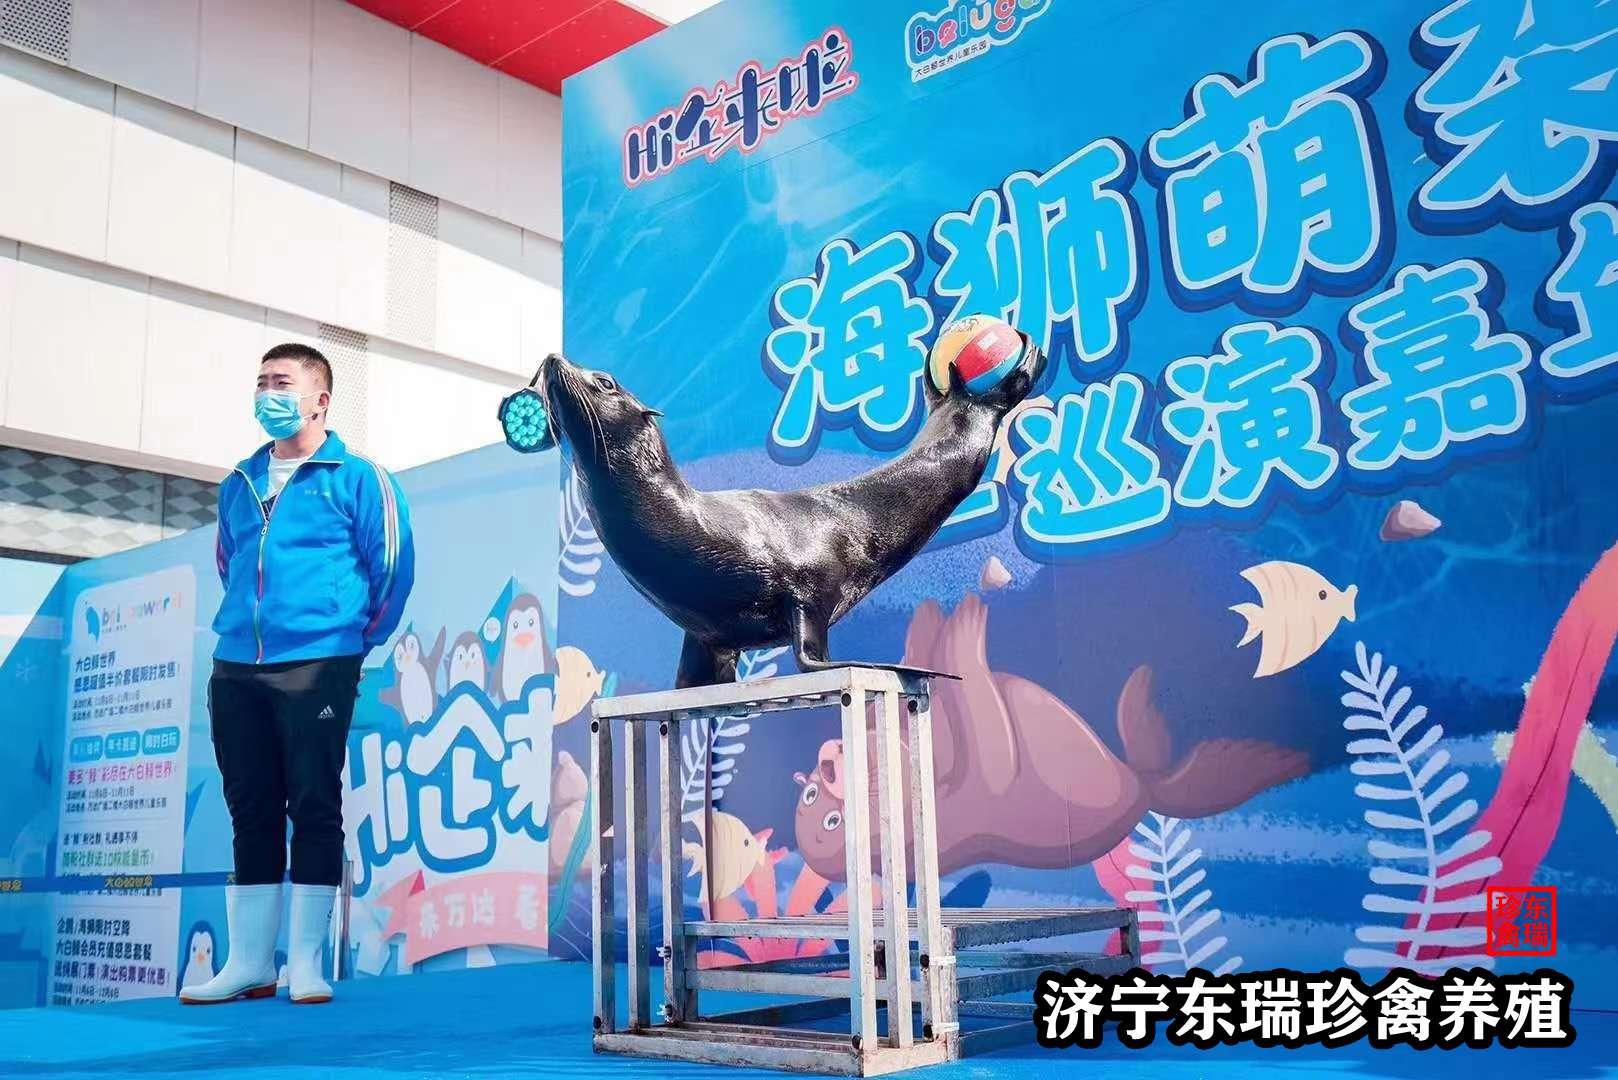 长沙市商场活动开业海狮表演如何策划?